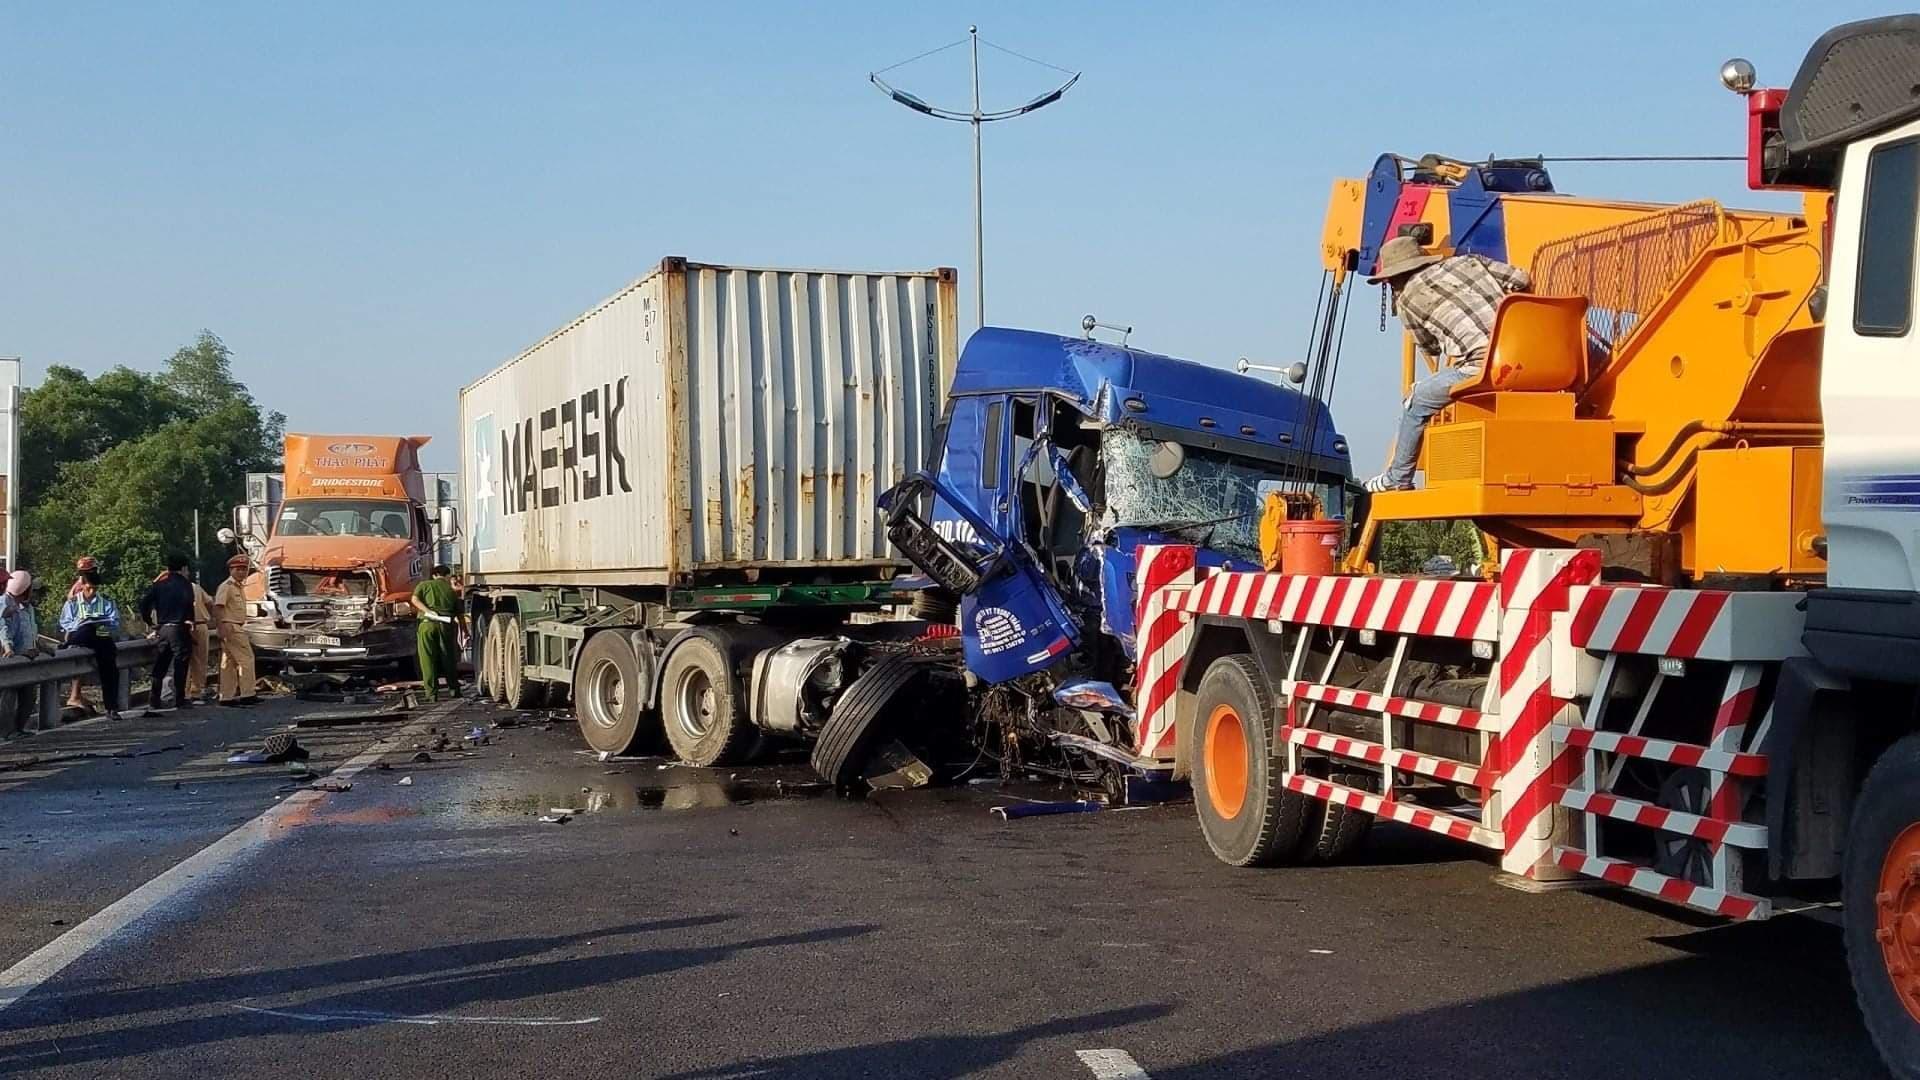 Tai nạn giao thông,tai nạn liên hoàn,TNGT,tai nạn chết người,tai nạn cao tốc